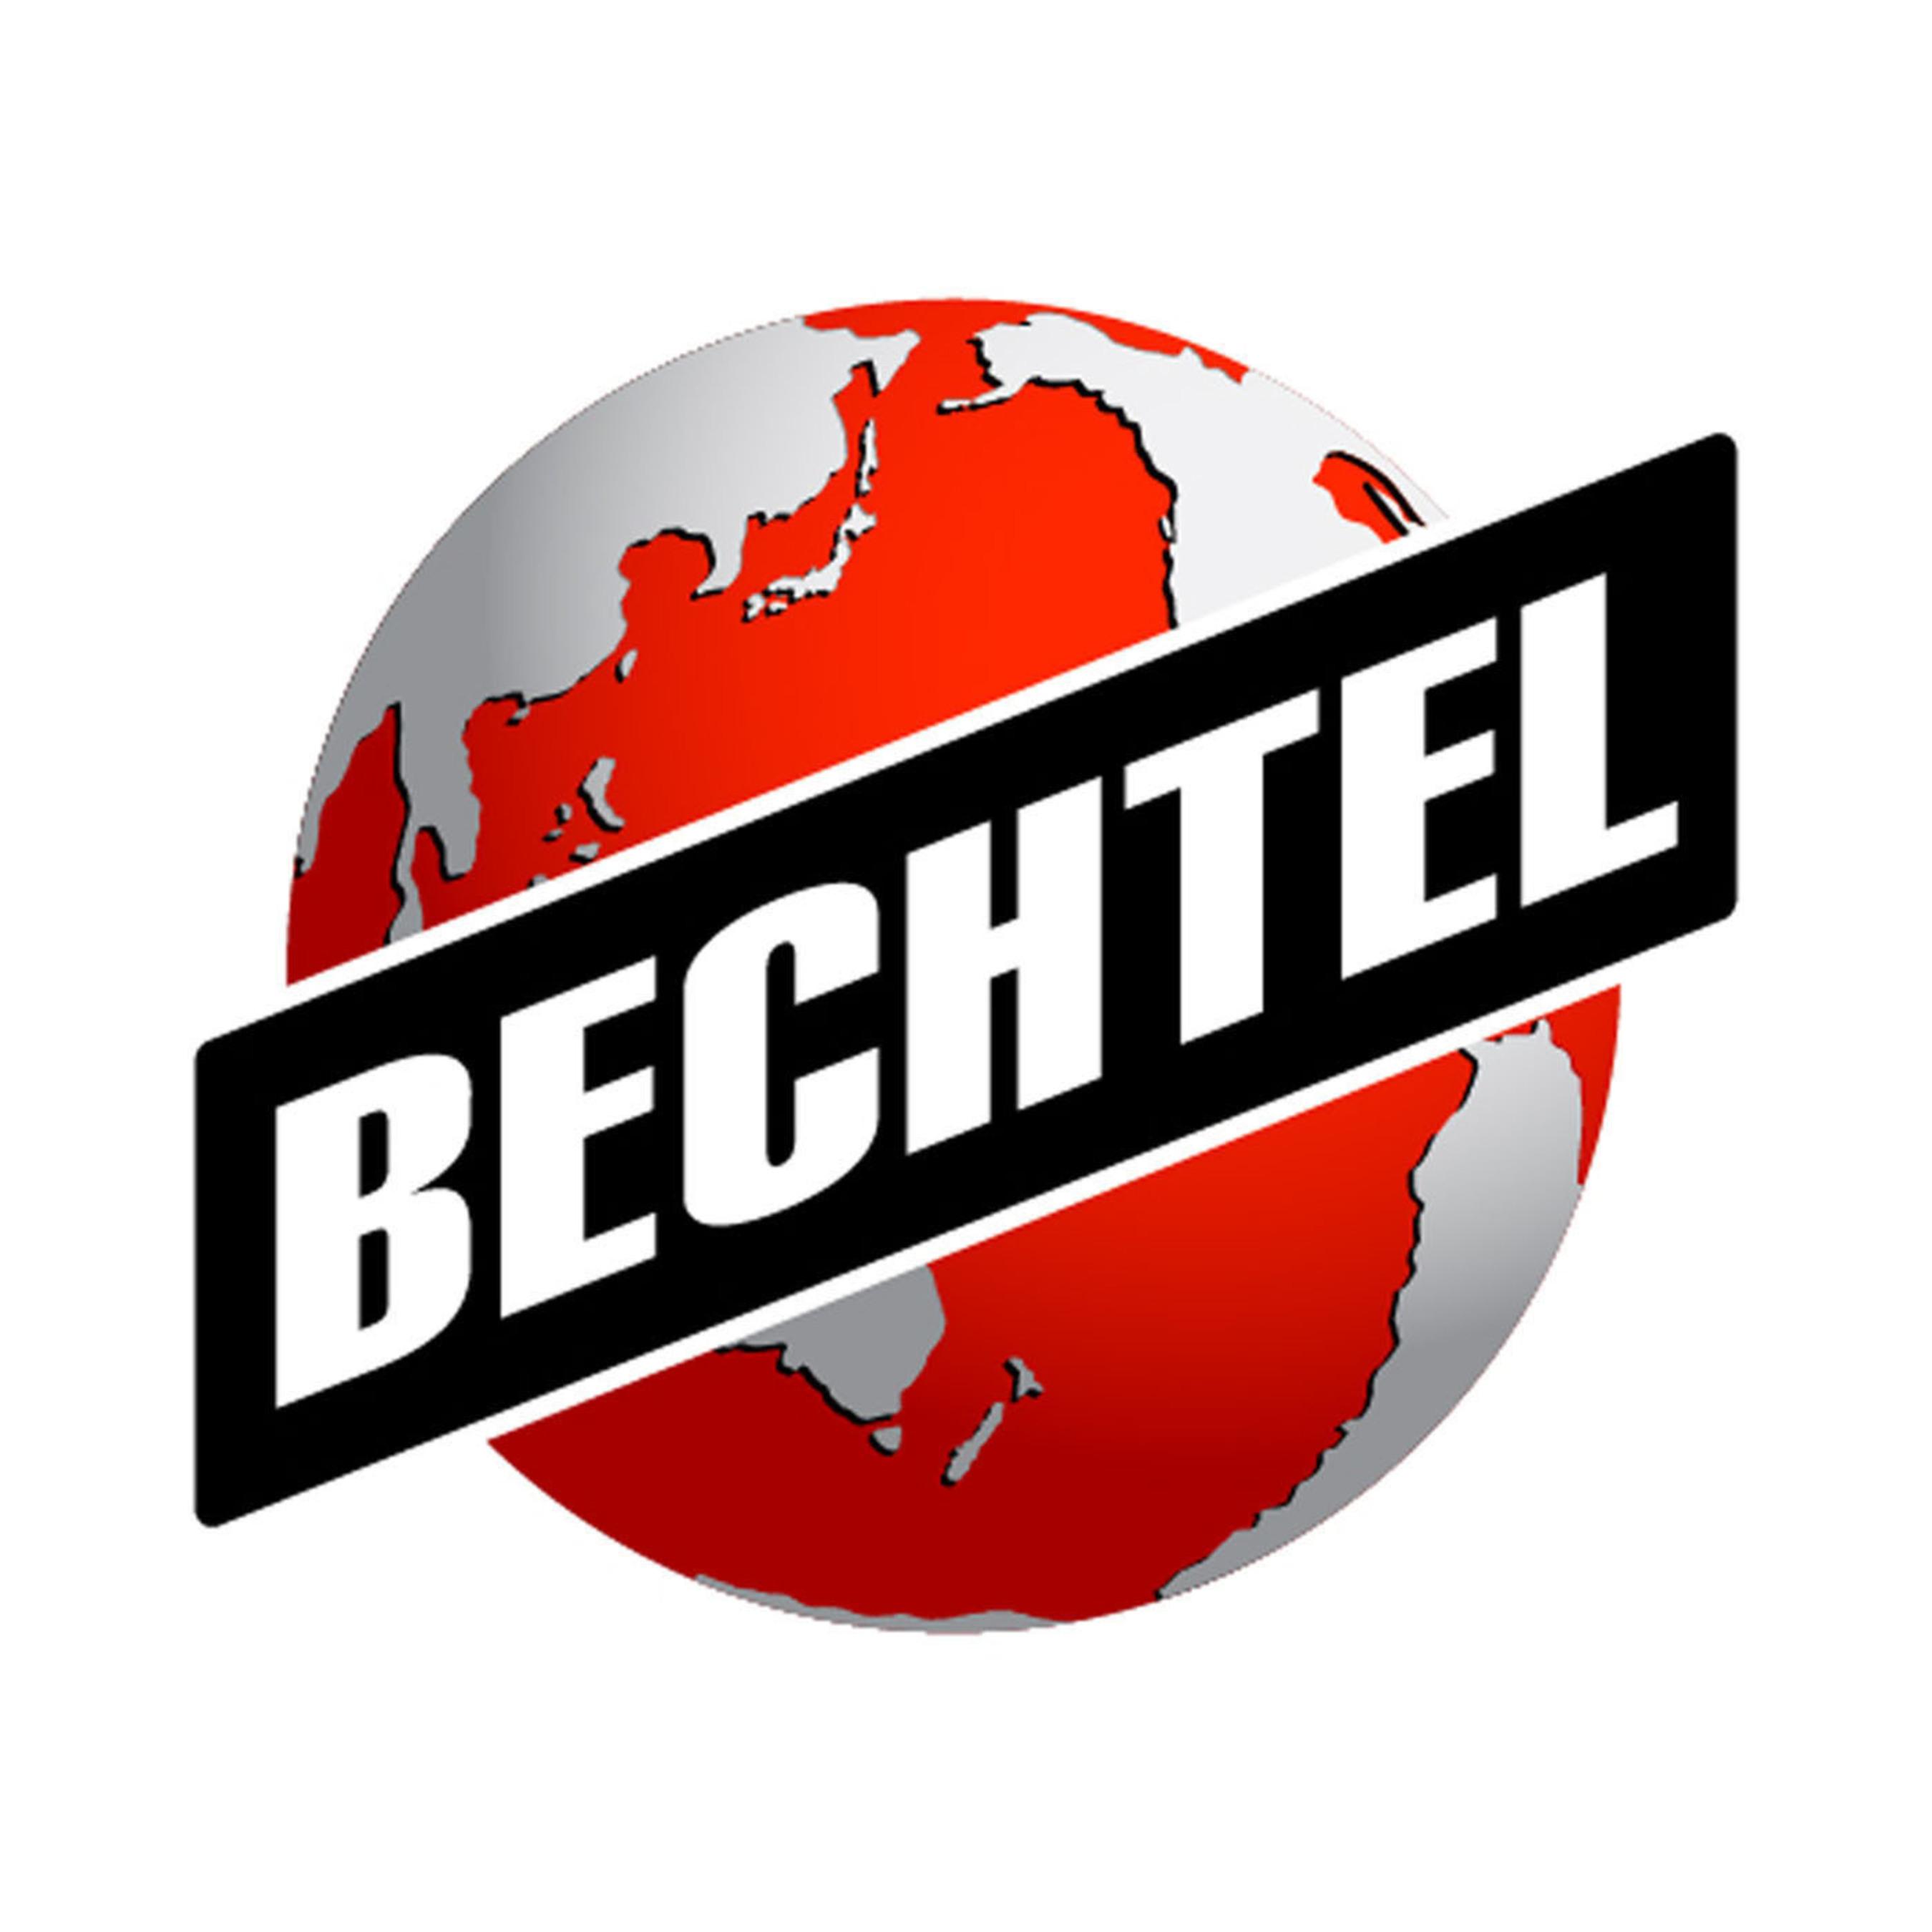 bechtel.com.